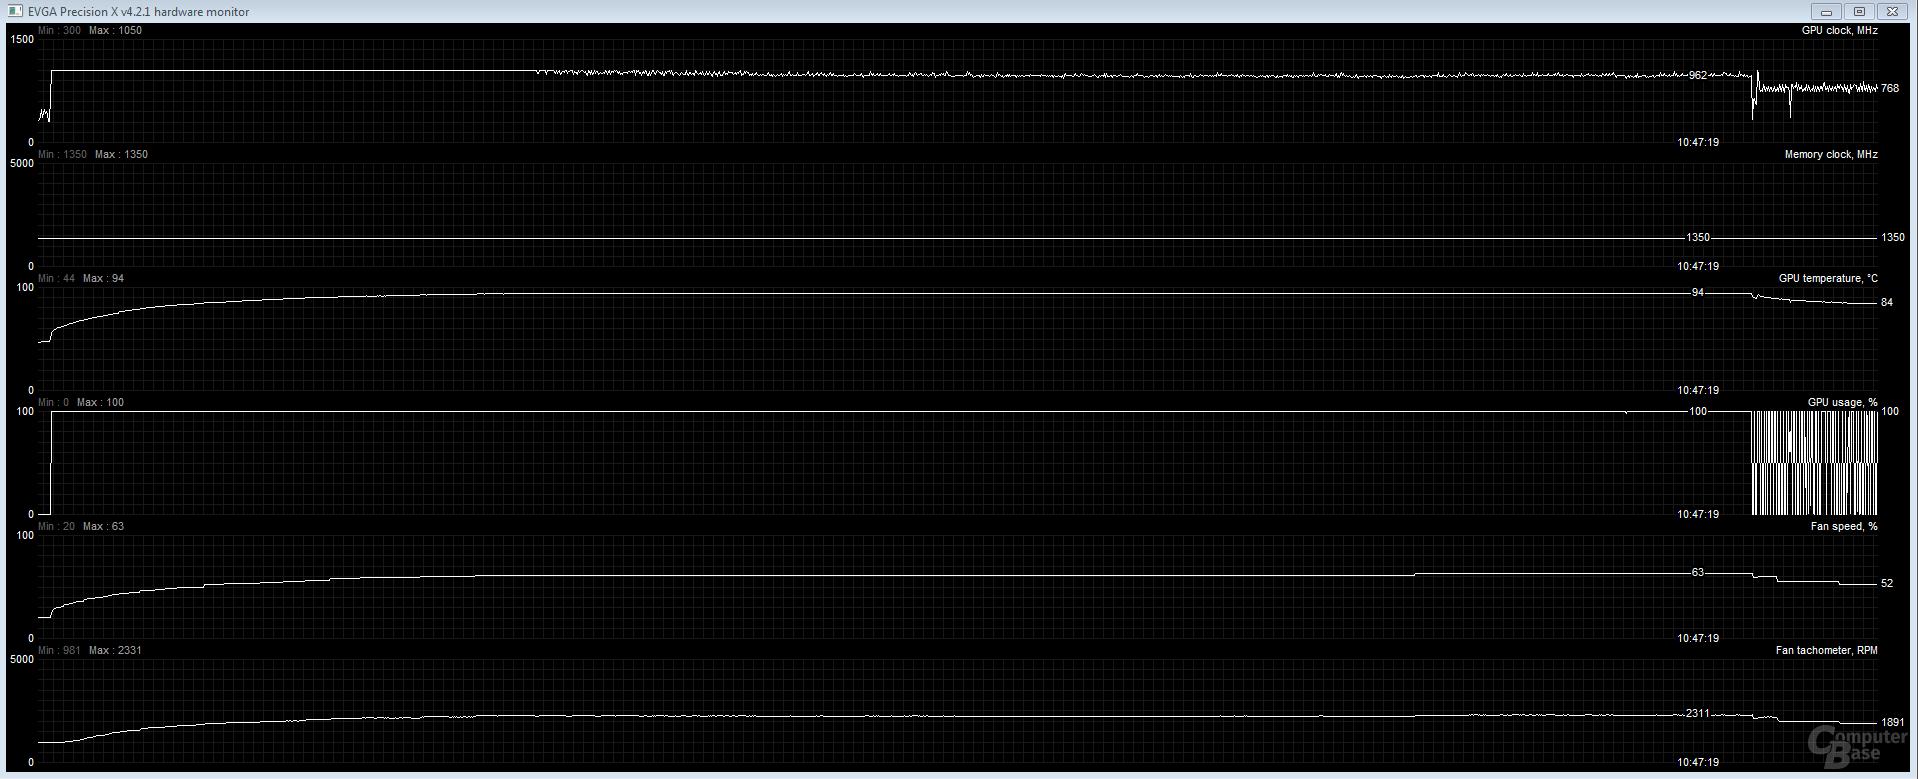 Performance-Modus nach 30 Minuten bei 962 MHz Takt und 2.300 U/min